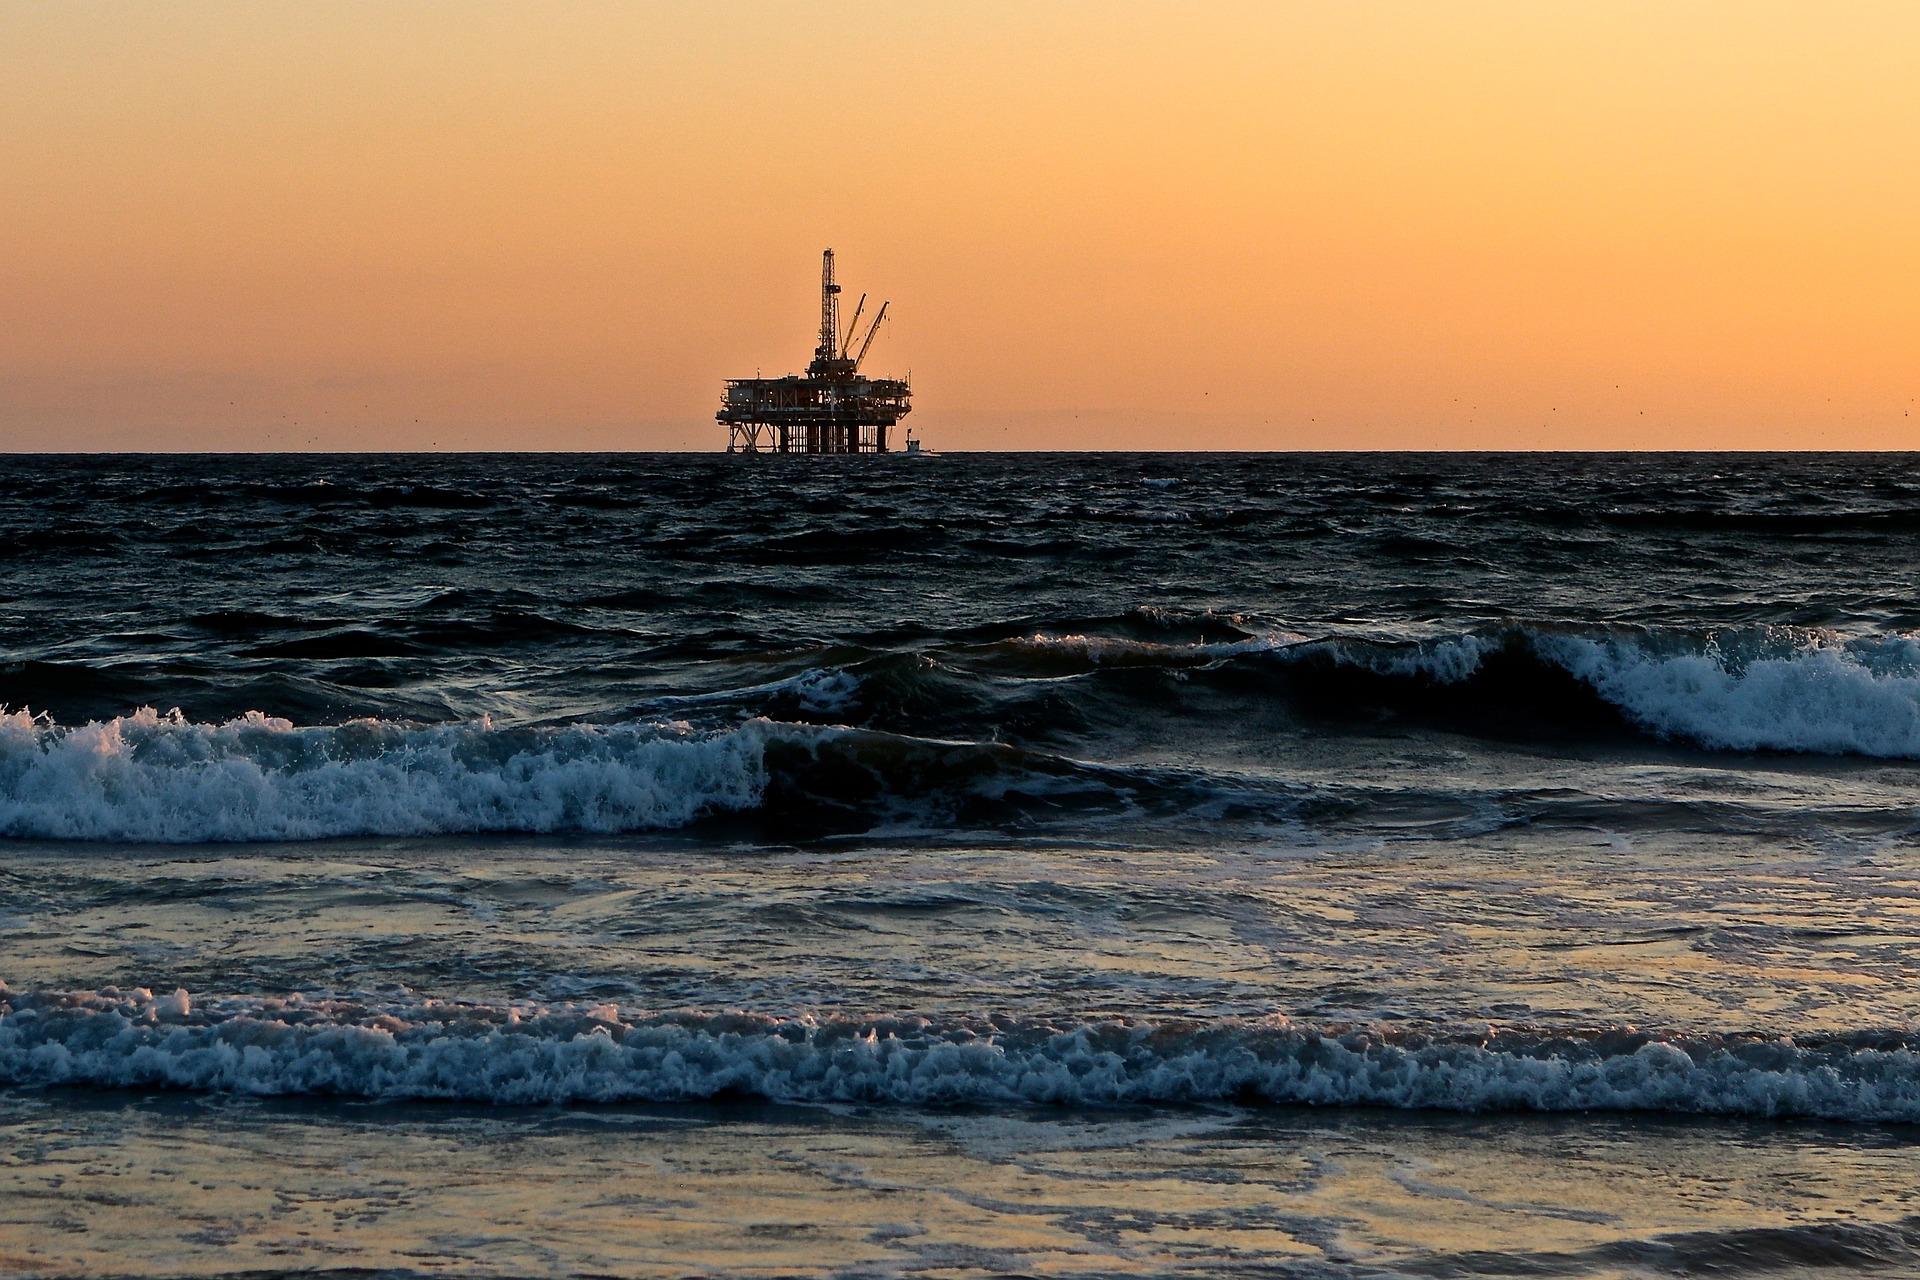 Il coronavirus minaccia di ostacolare il boom degli shale-oil negli Stati Uniti per anni